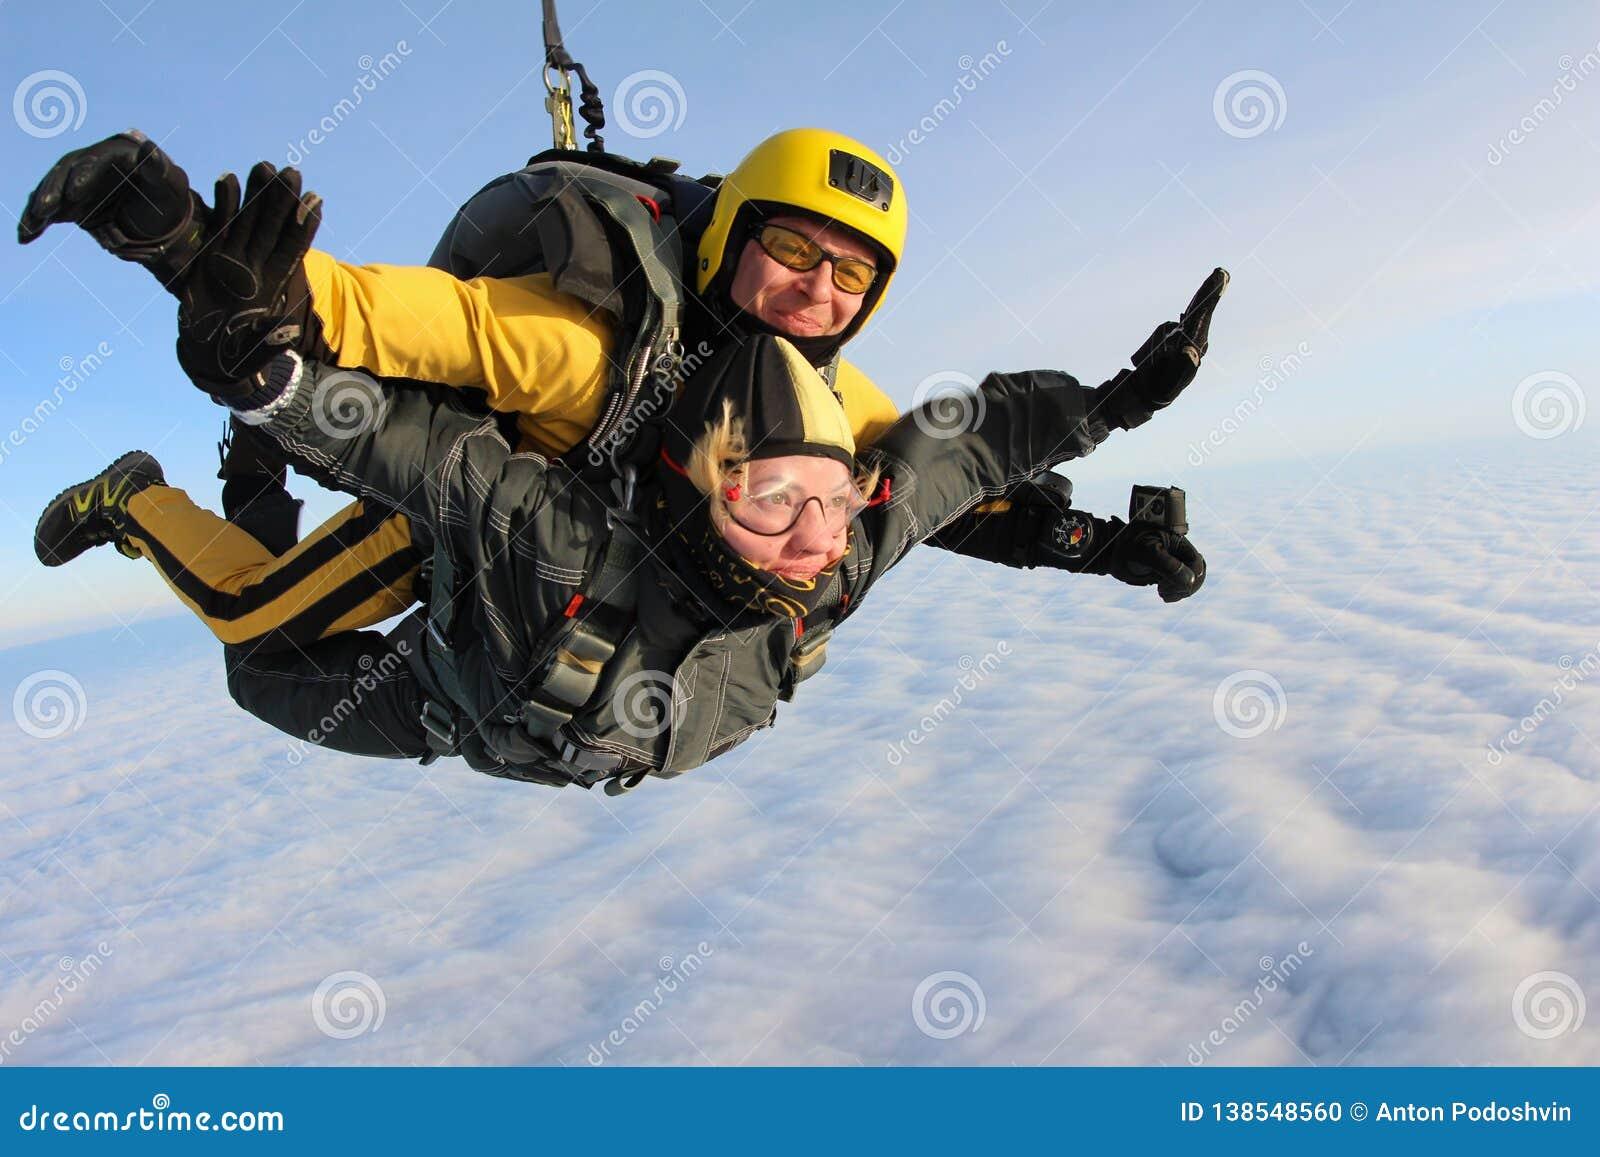 Saltar em queda livre em tandem Os Skydivers estão voando acima das nuvens brancas